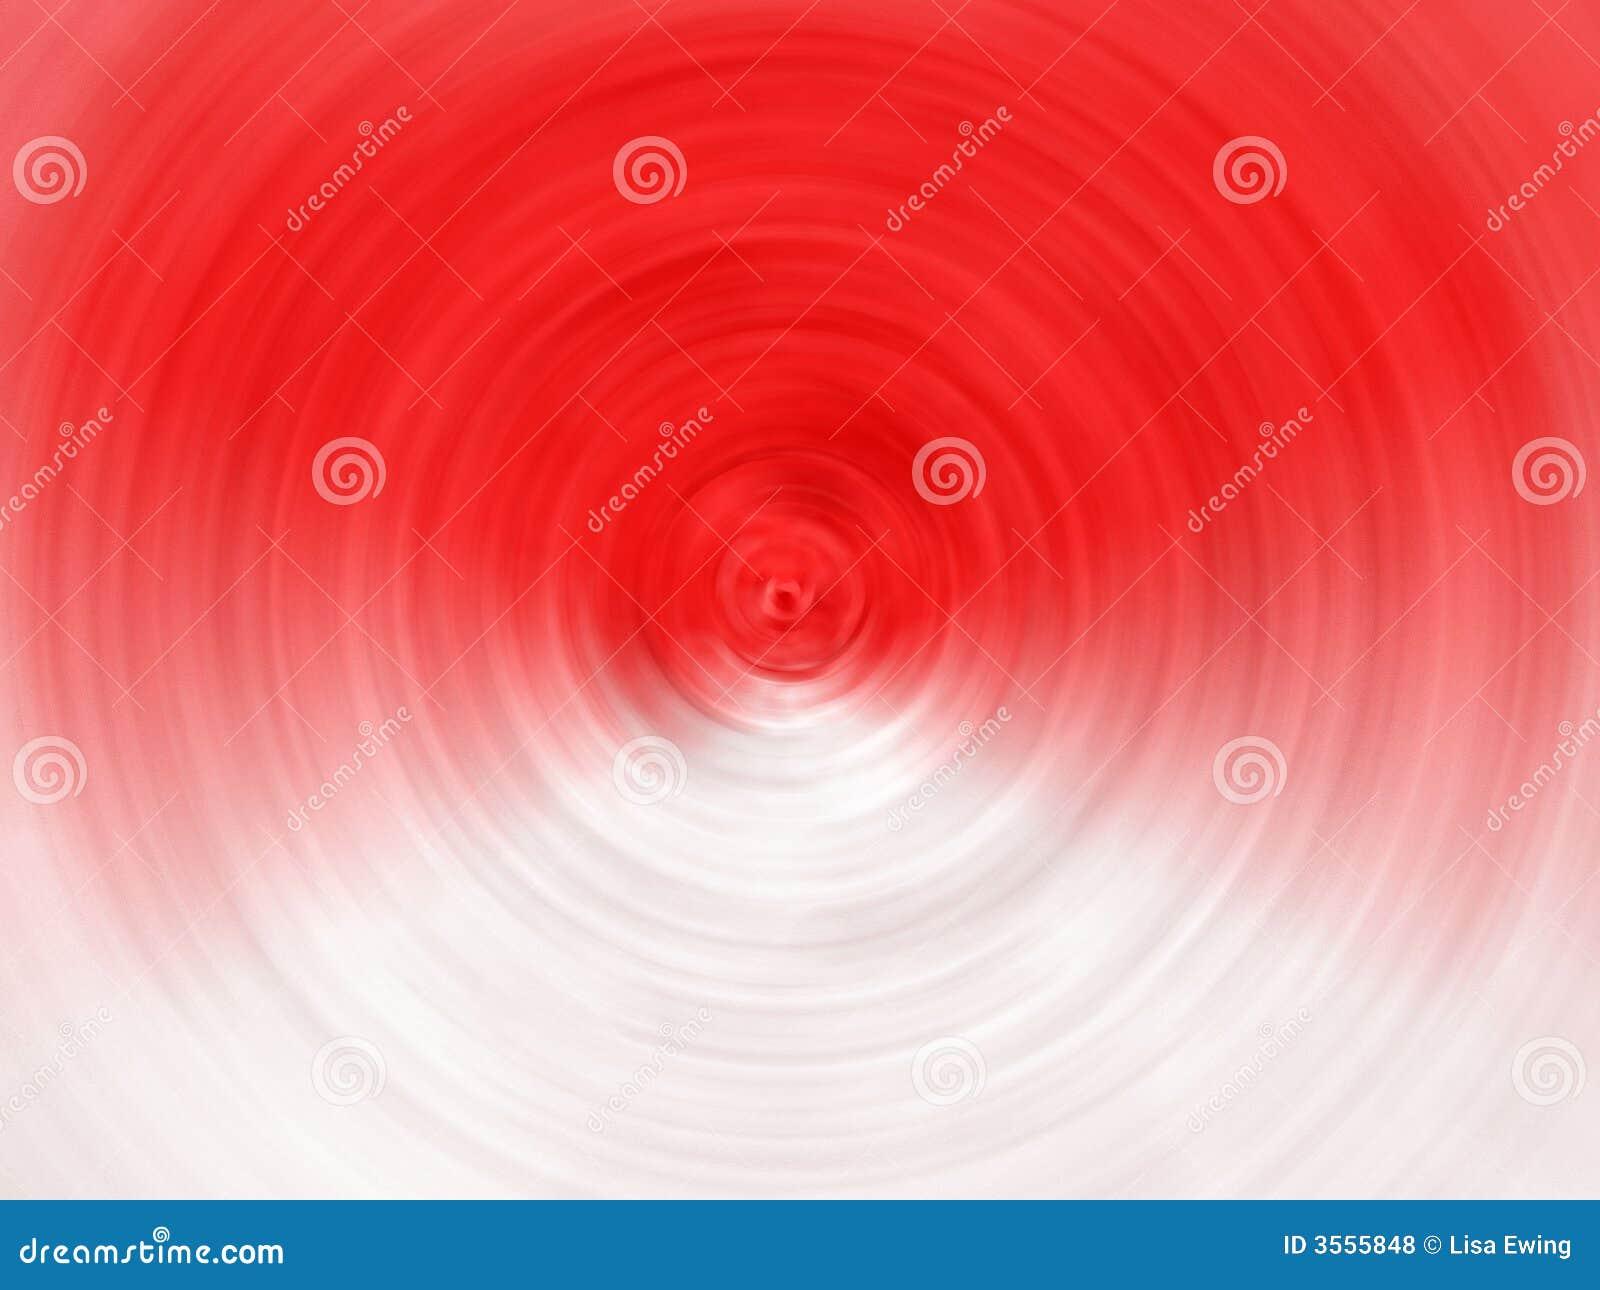 Priorità bassa a spirale bianca rossa